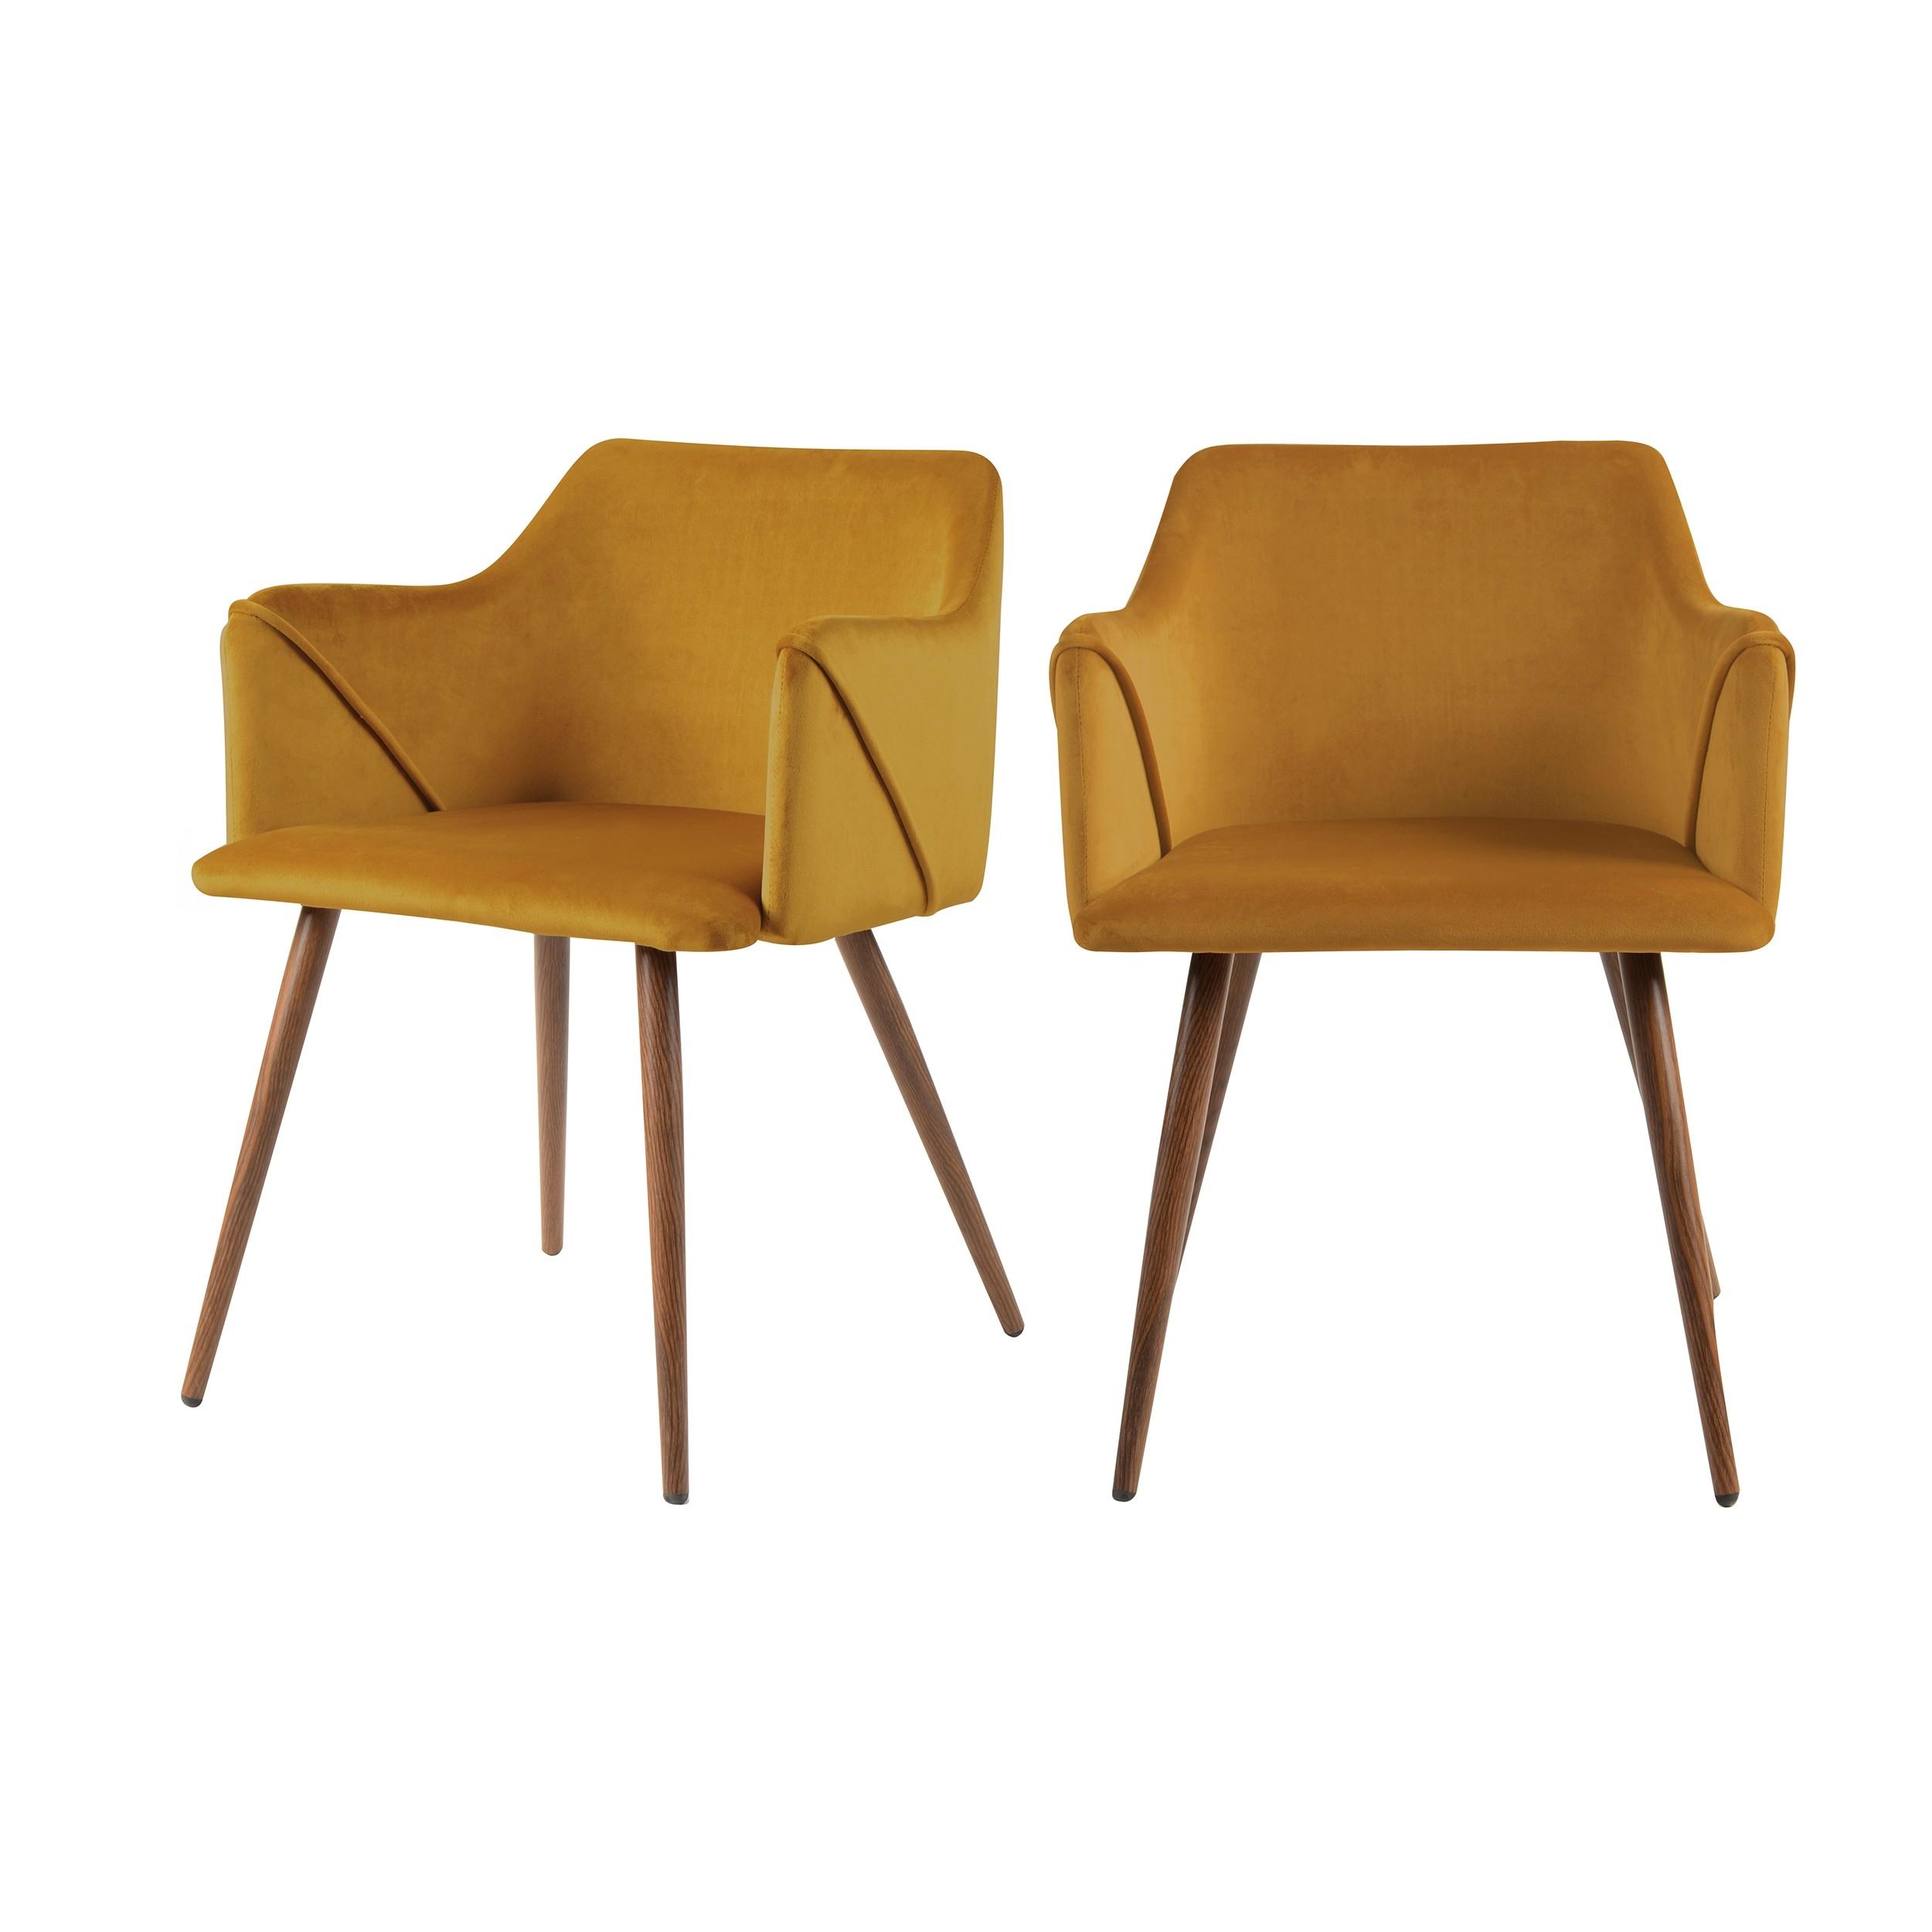 acheter chaises lot de 2 jaune velours